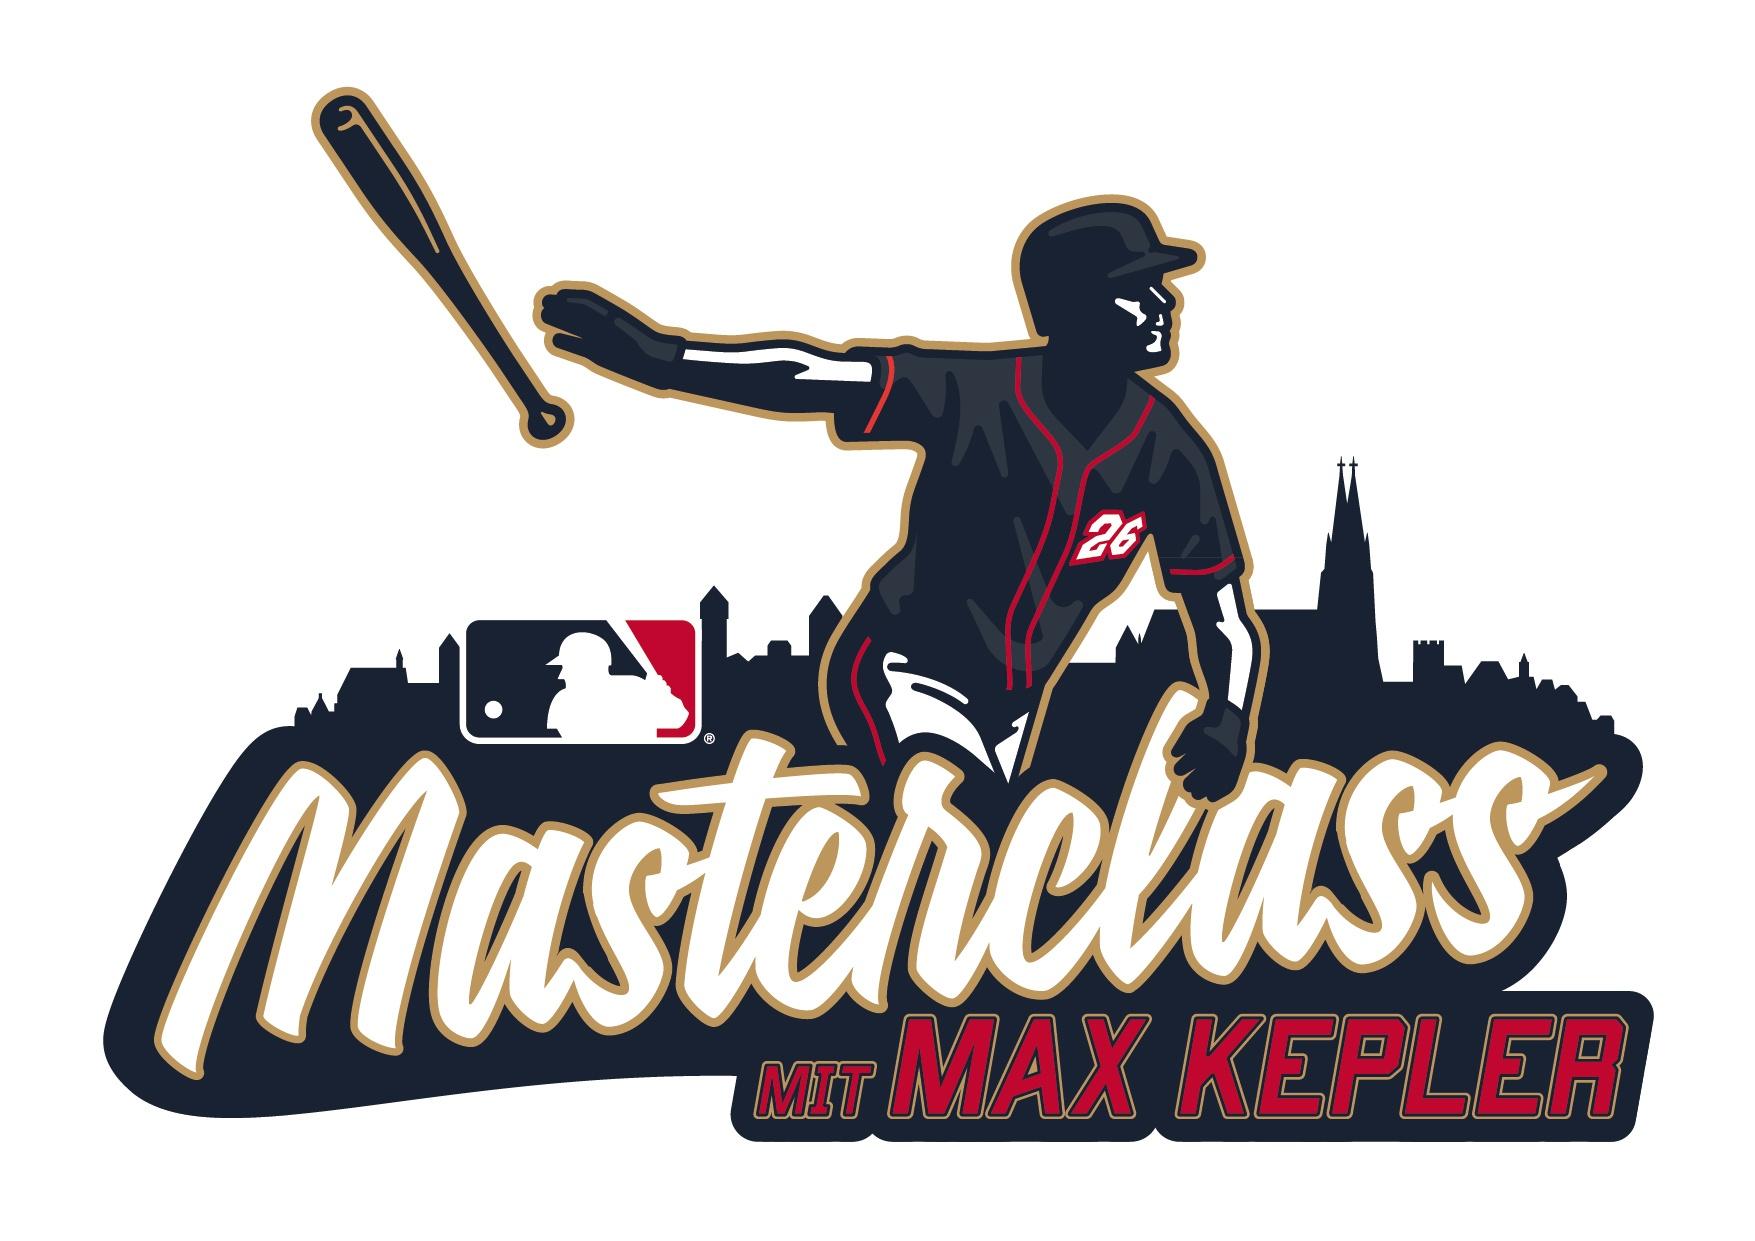 Masterclass mit Max Kepler – Baseballcamp für Jugendliche